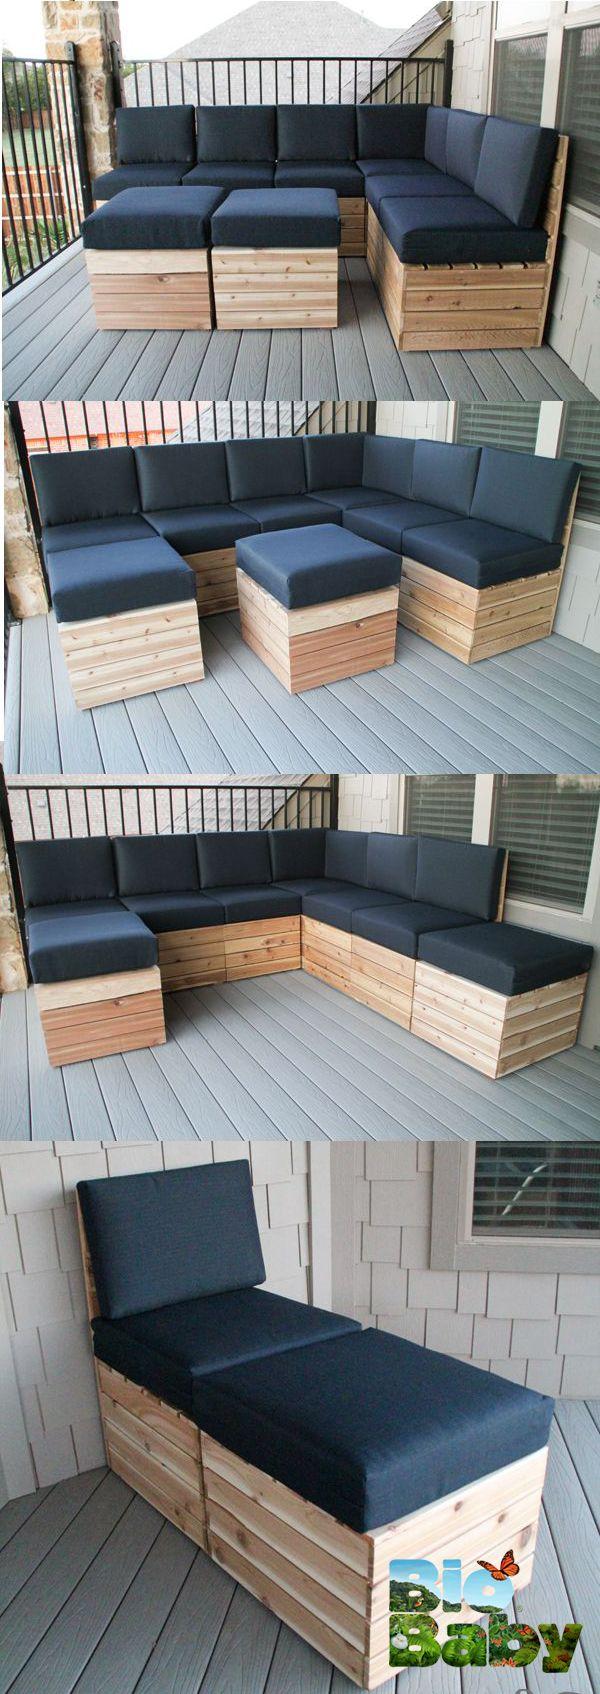 Crea una sala exterior con cajas de madera y cojines for Muebles con cajas de madera